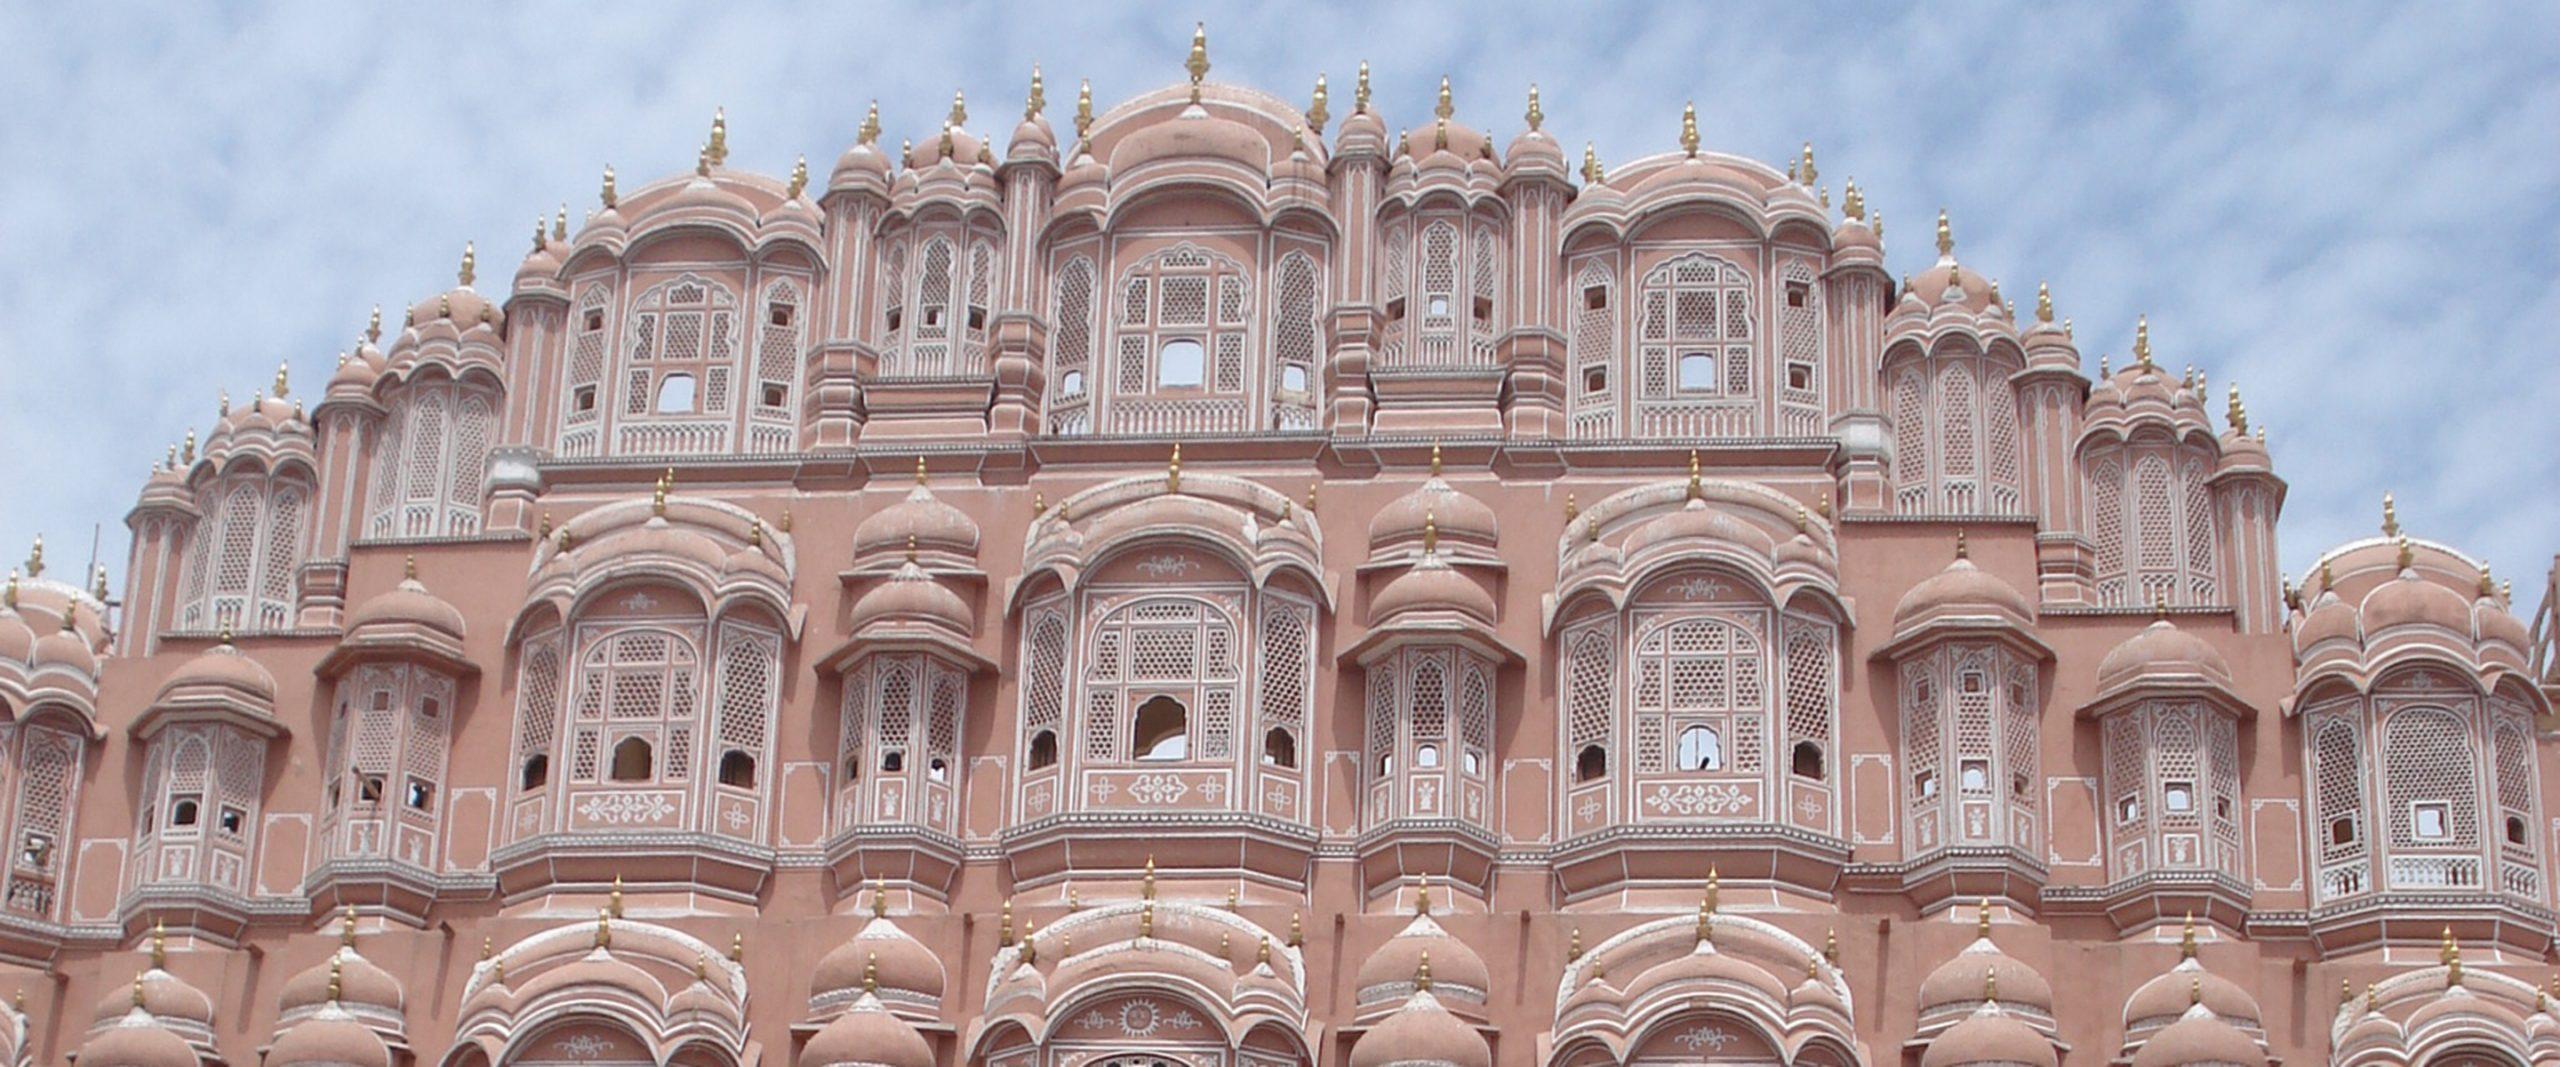 Gruppenreise Indien - Palast der Winde